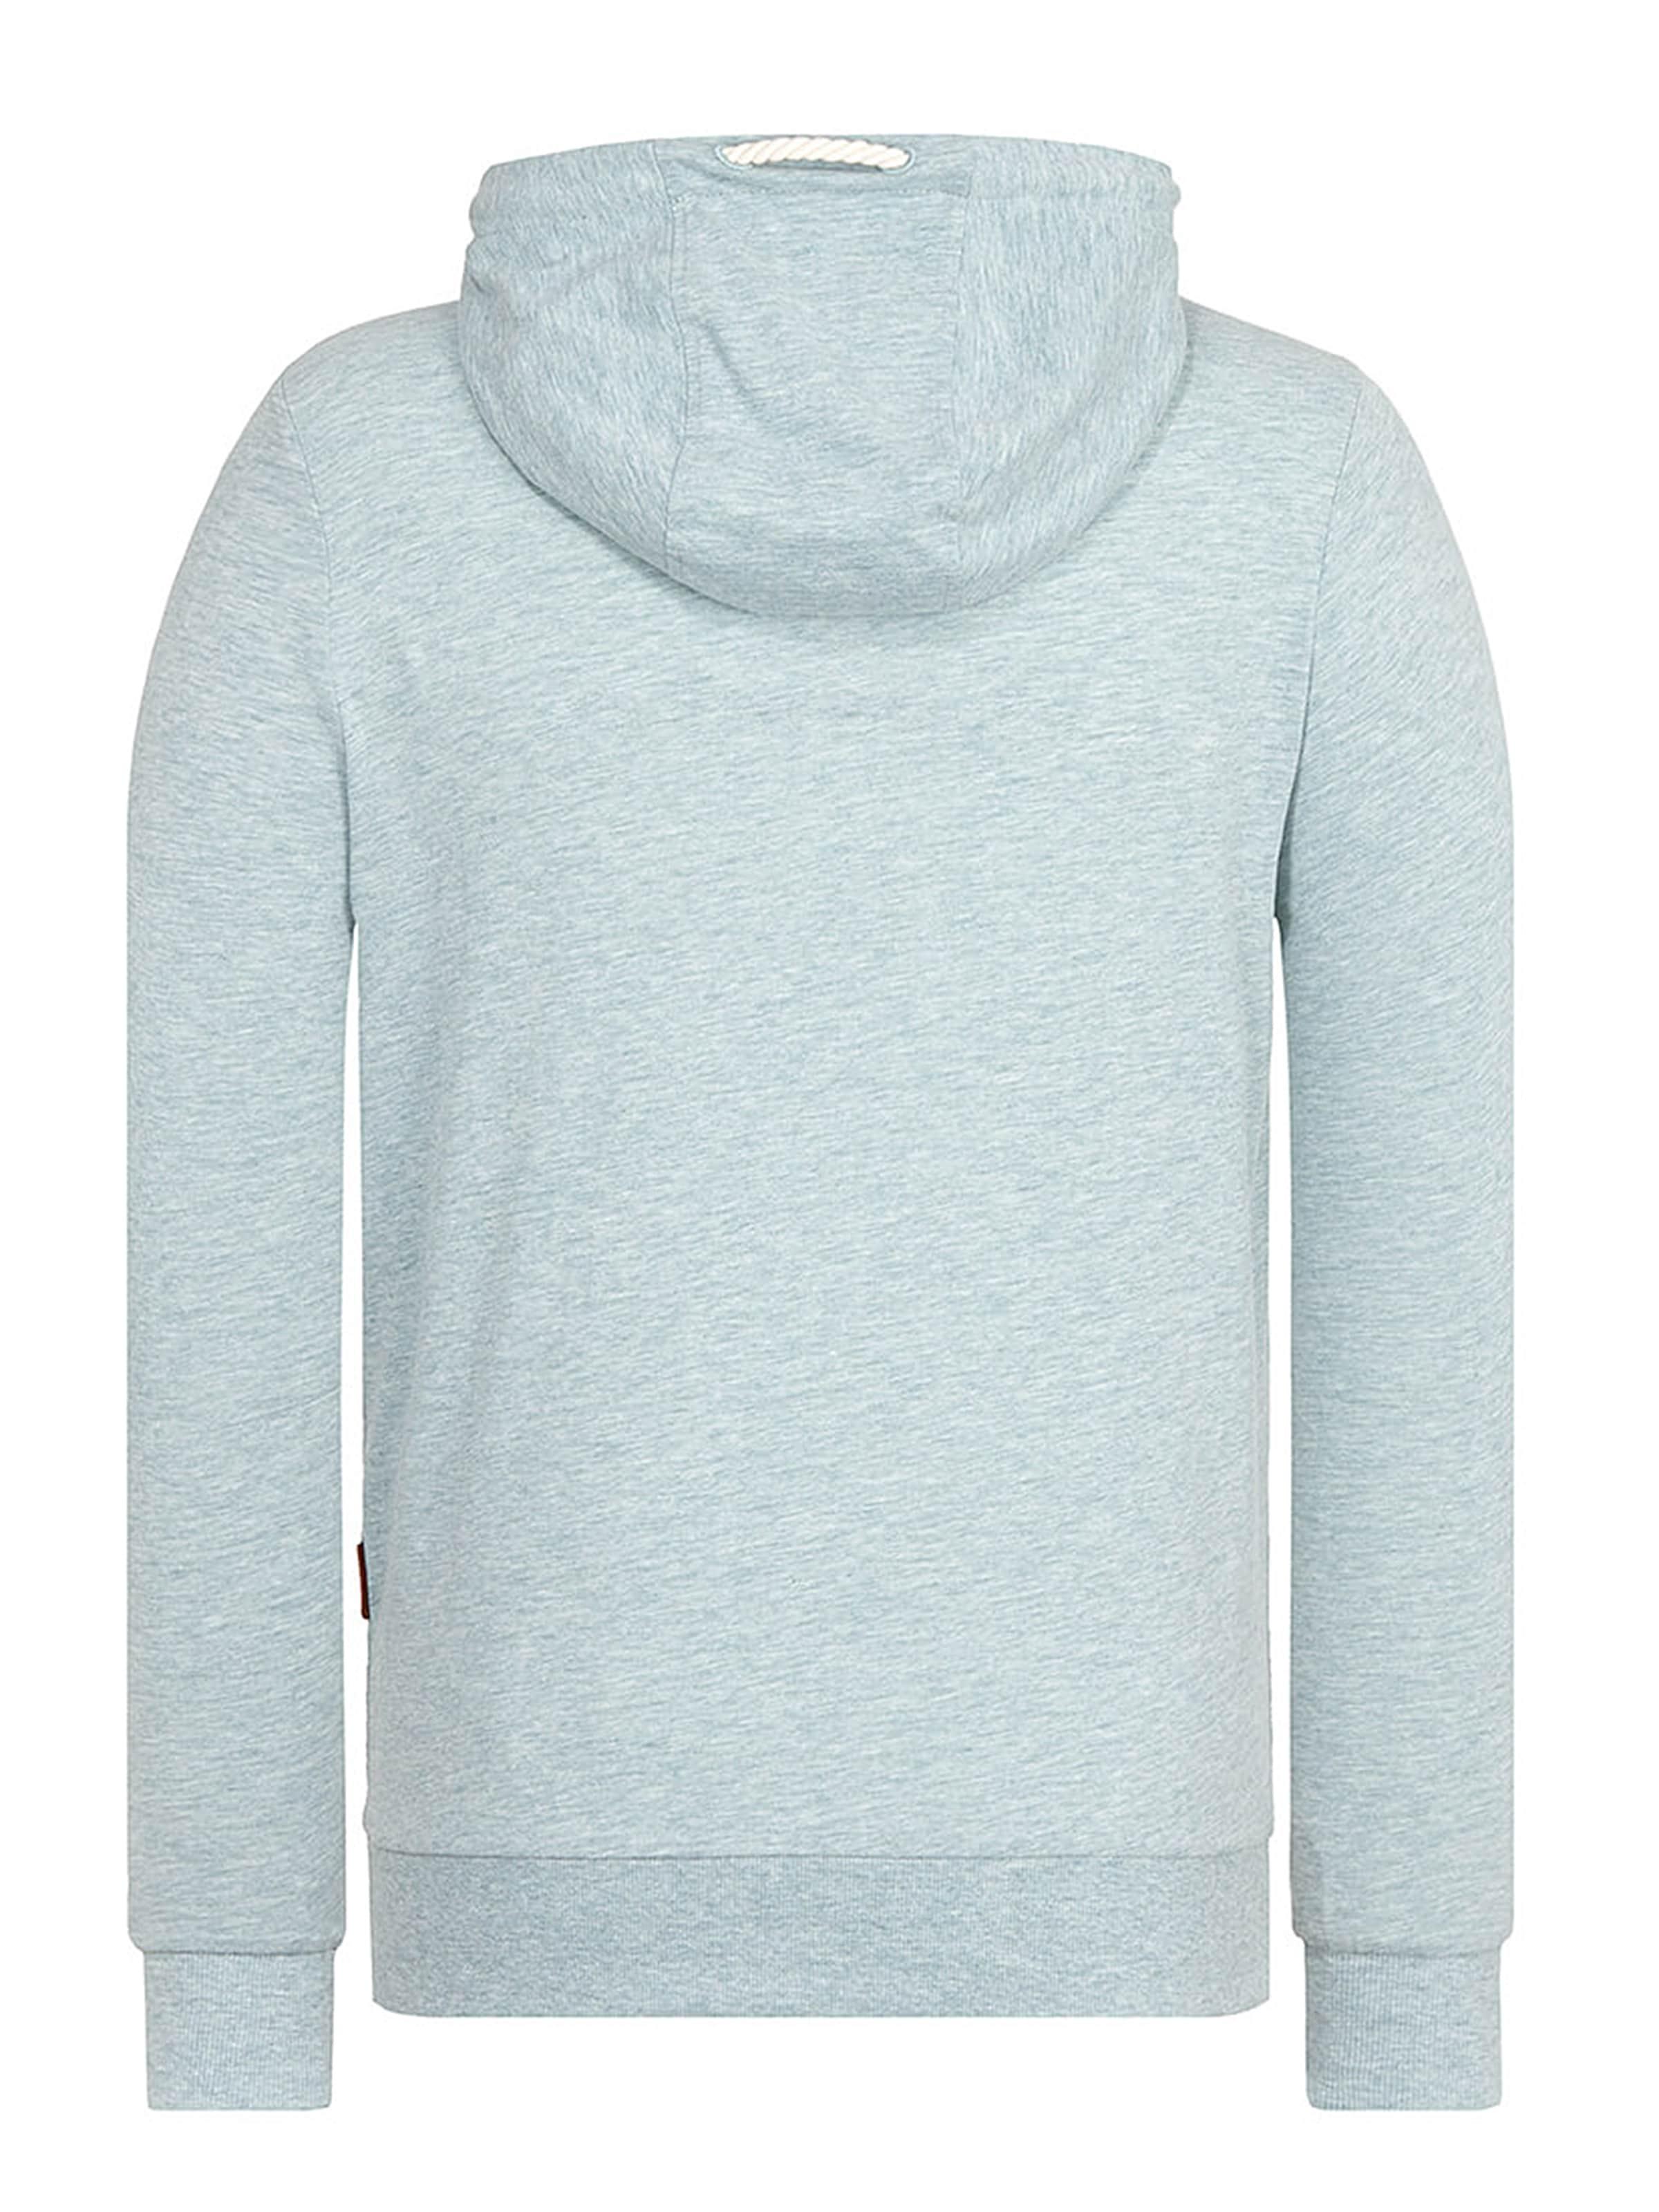 Naketano In Mint Nüsse' Sweatshirt 'diese PkTOiXuZ